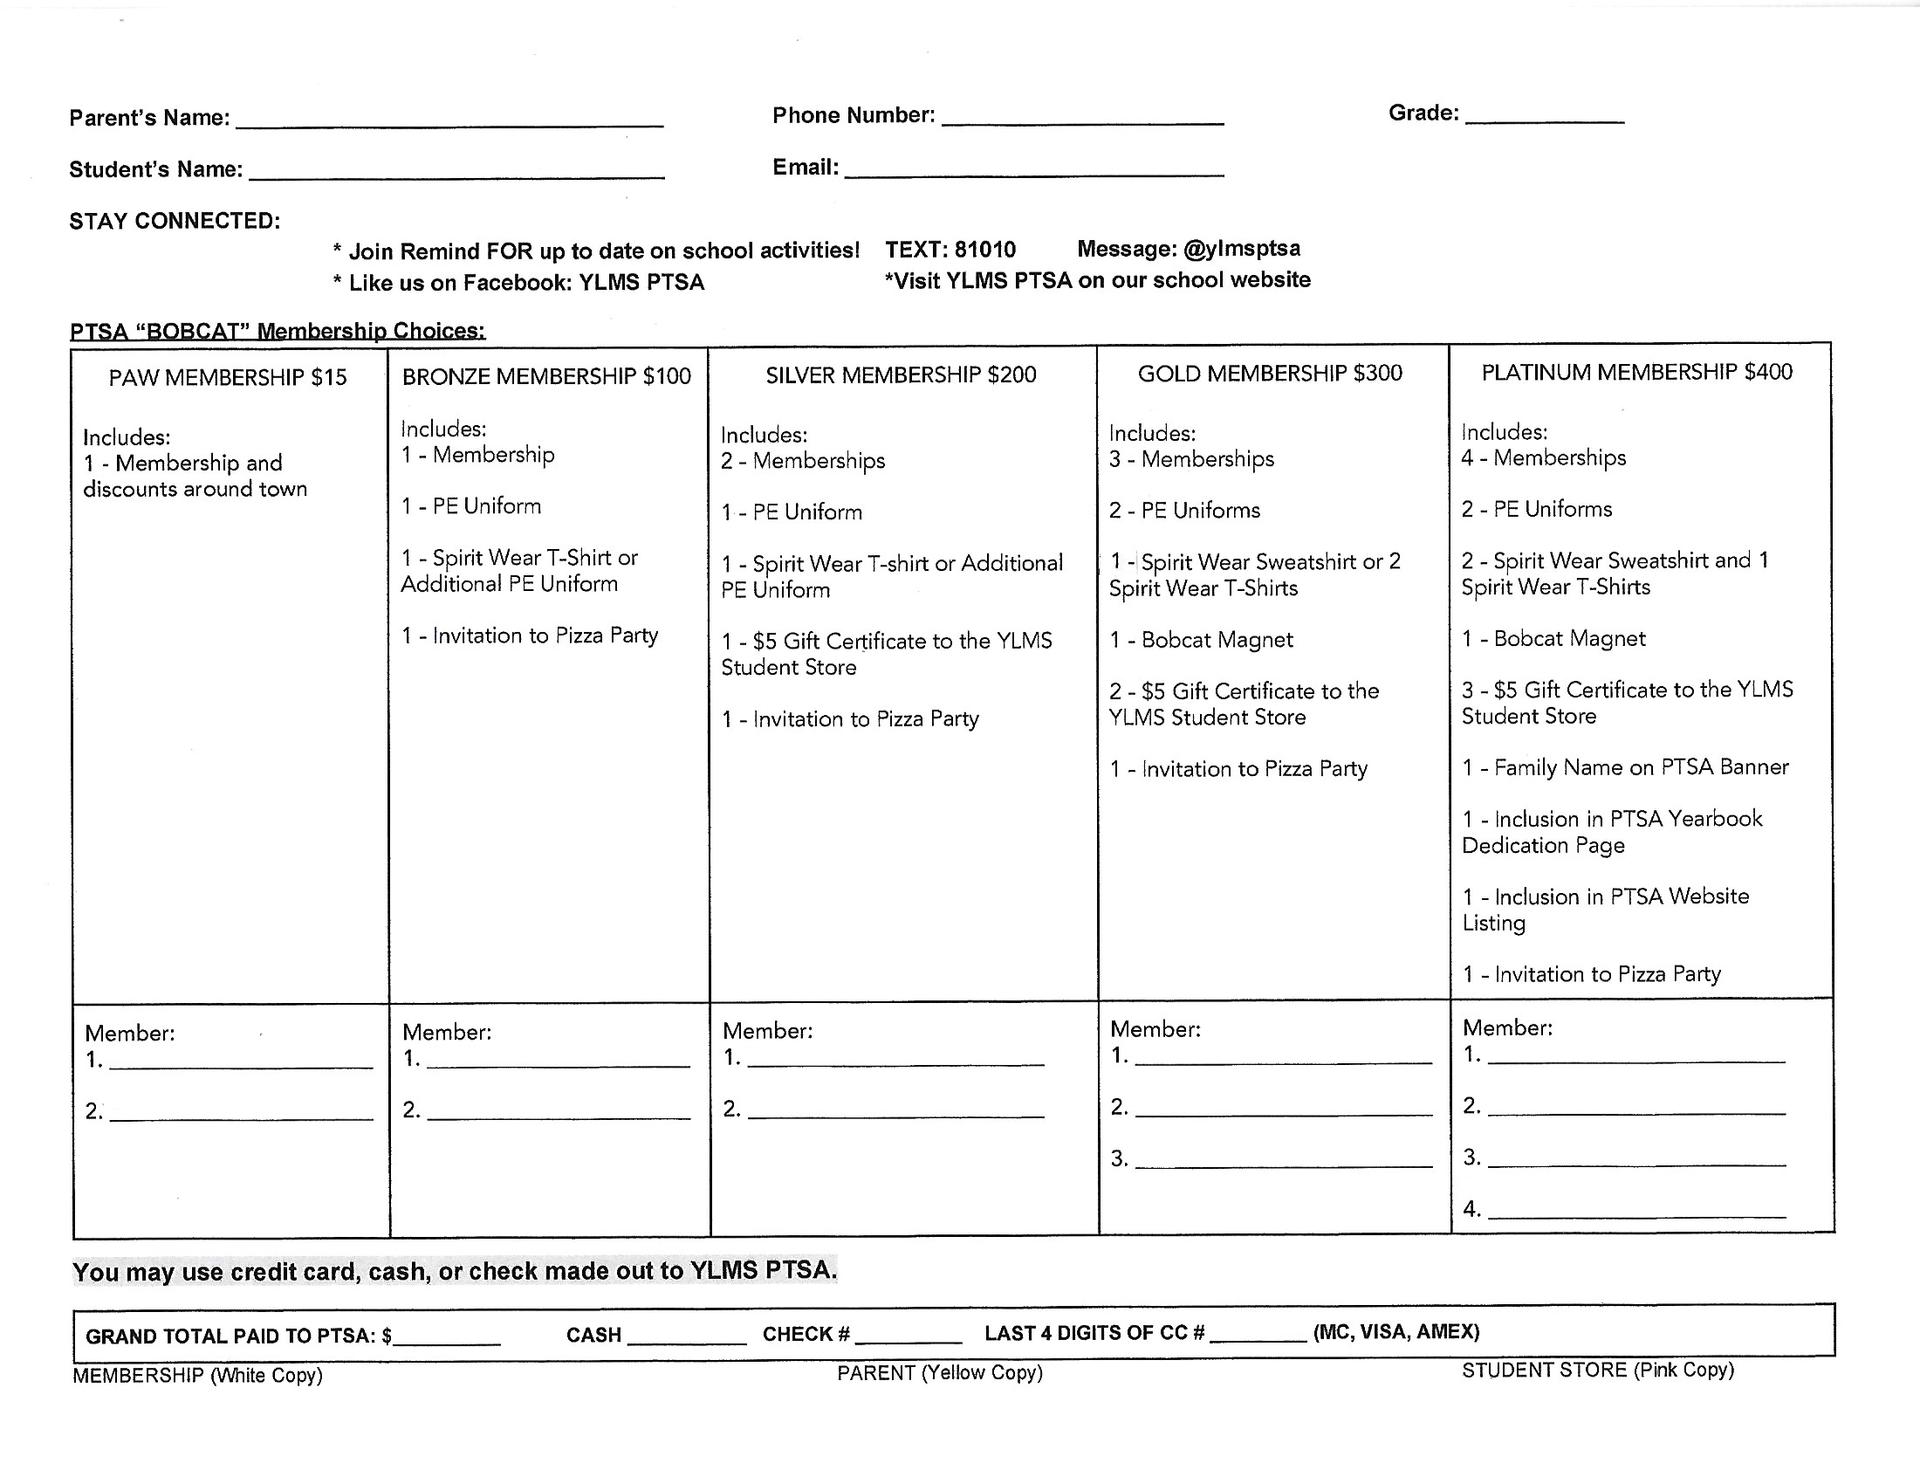 PTSA membership form